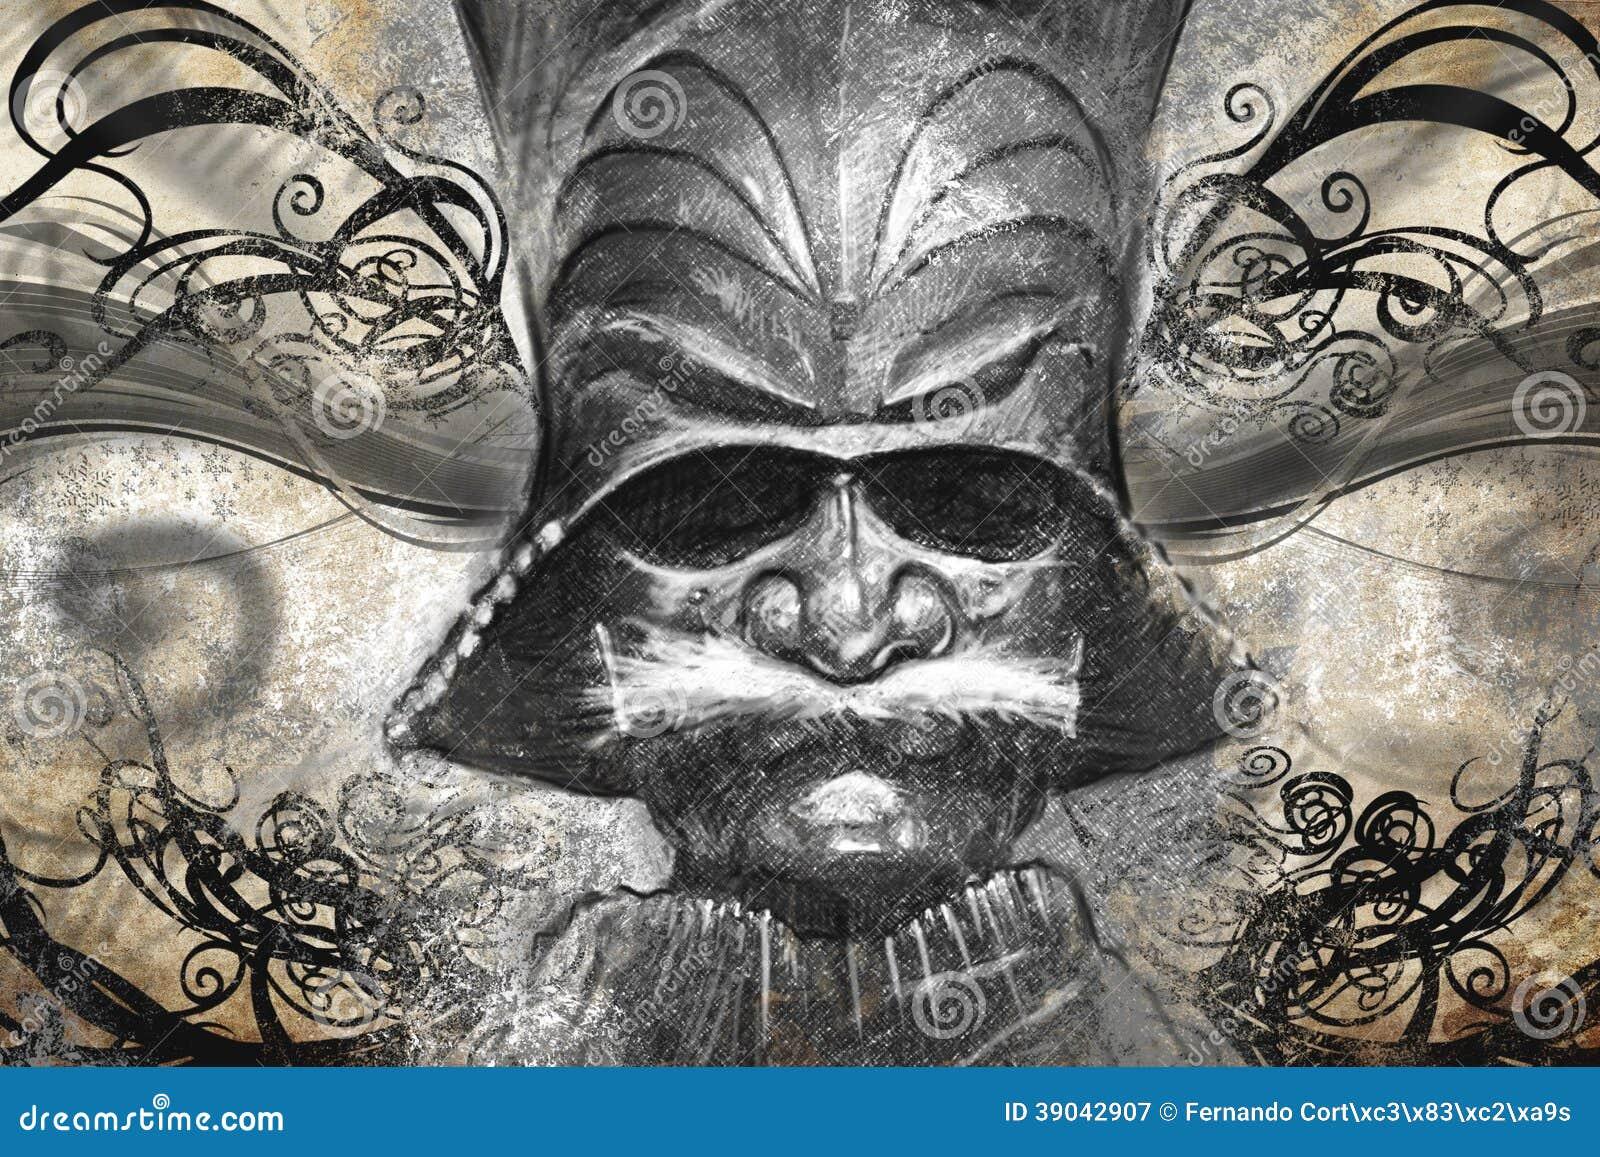 Masque Japonais De Guerrier Illustration De Tatouage Illustration